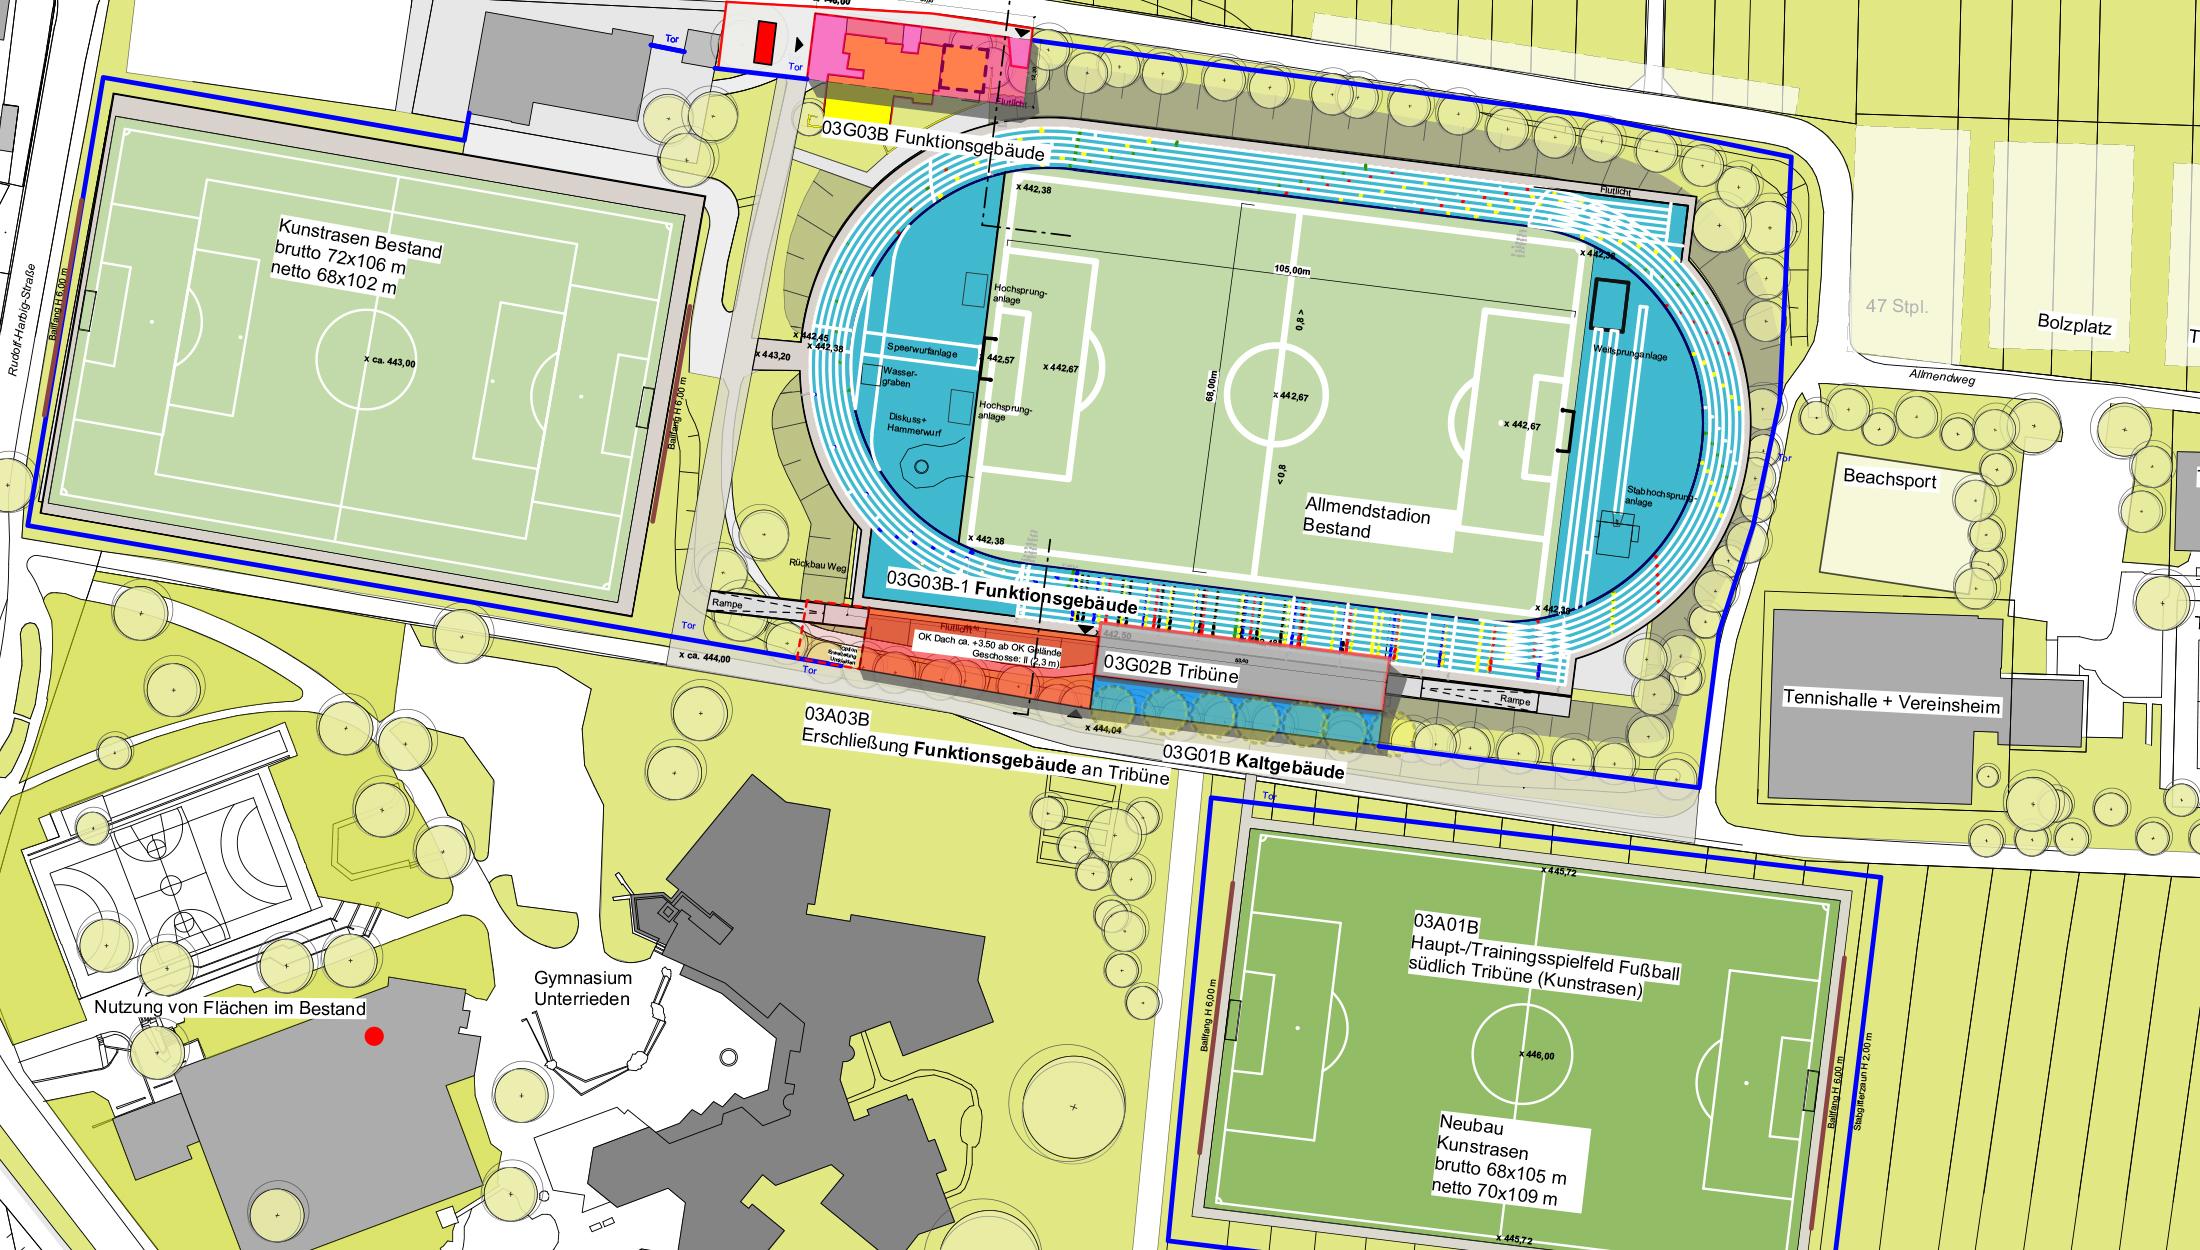 2021, Neubau Funktionsgebäude, Neubau Kassenbox und Kaltgebäude, Sanierung Tribüne Allmendstadion, Sindelfingen